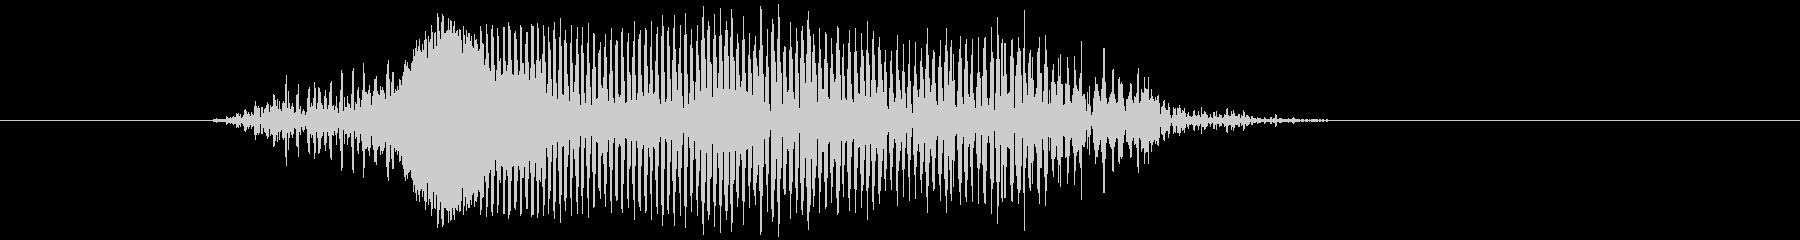 鳴き声 男性コンバットヒットハード05の未再生の波形